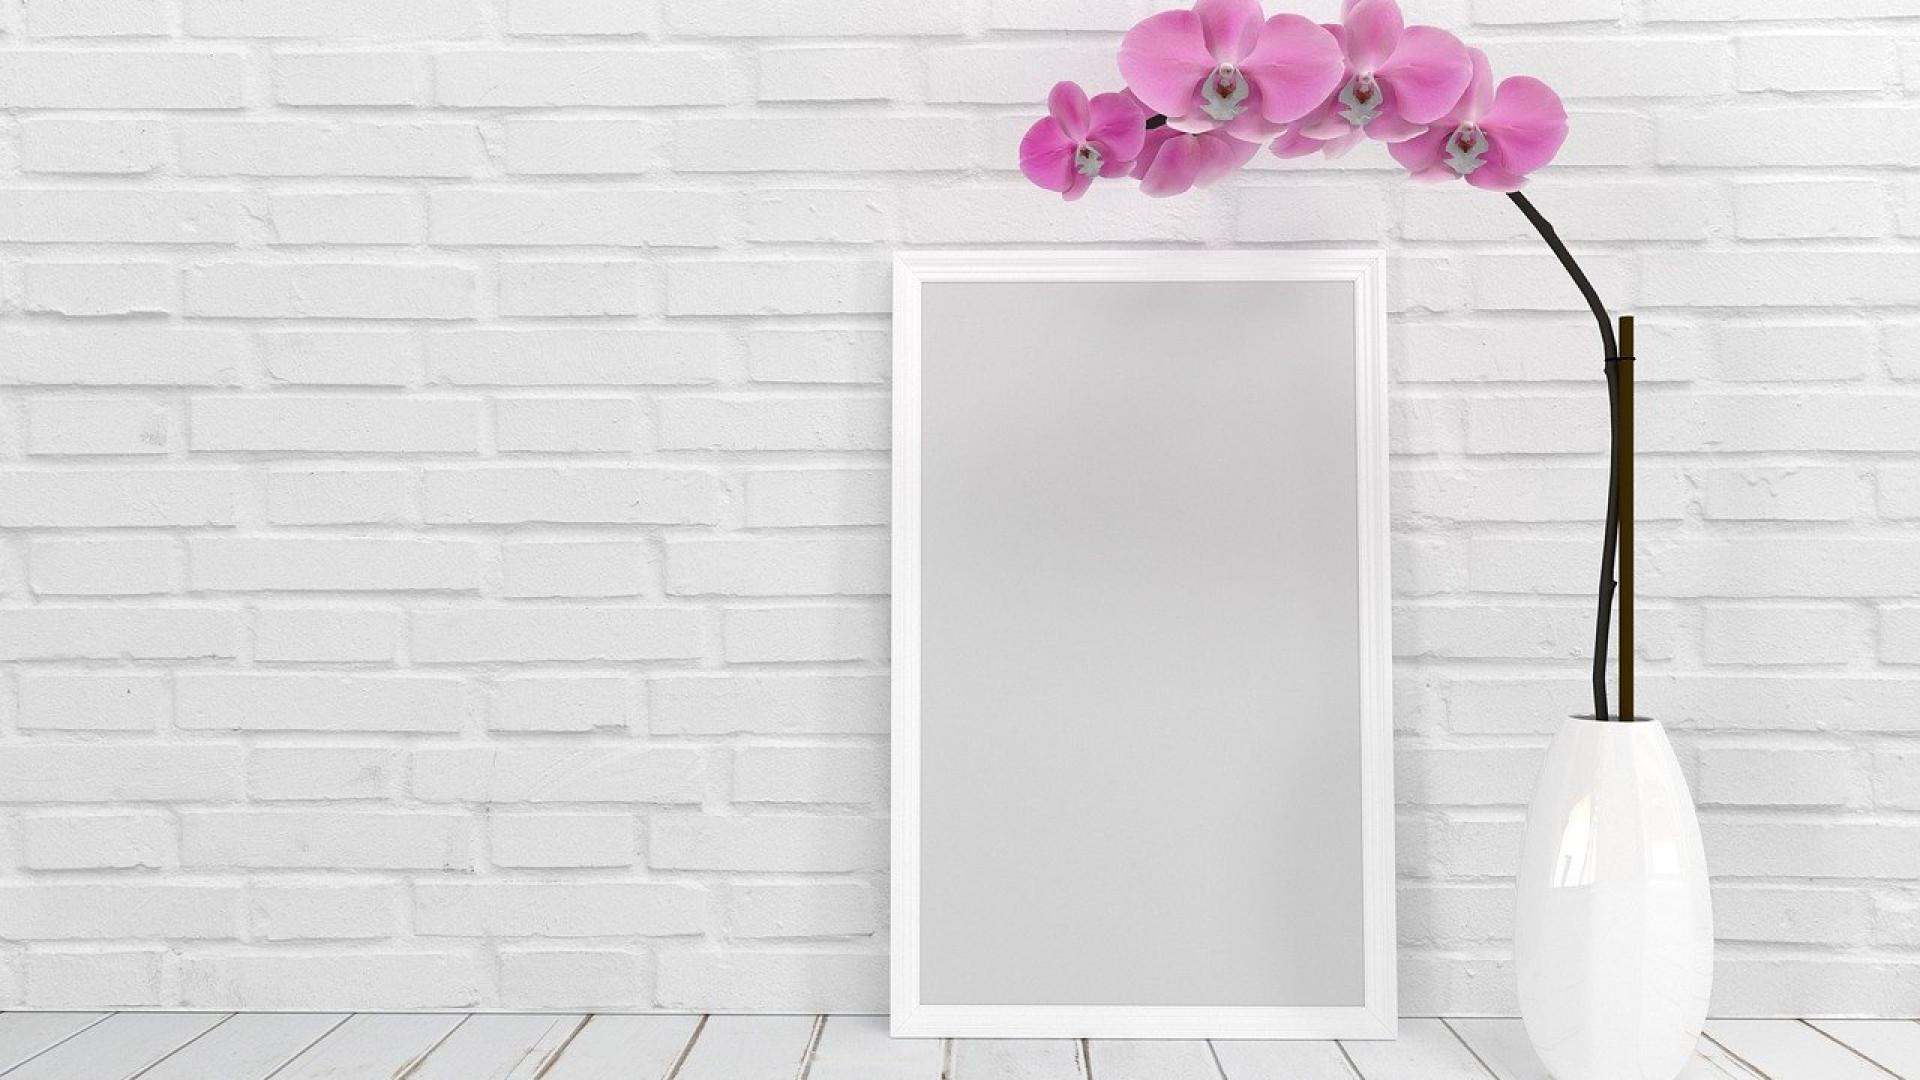 Pourquoi suivre des blogs sur la décoration d'intérieur de maison ?